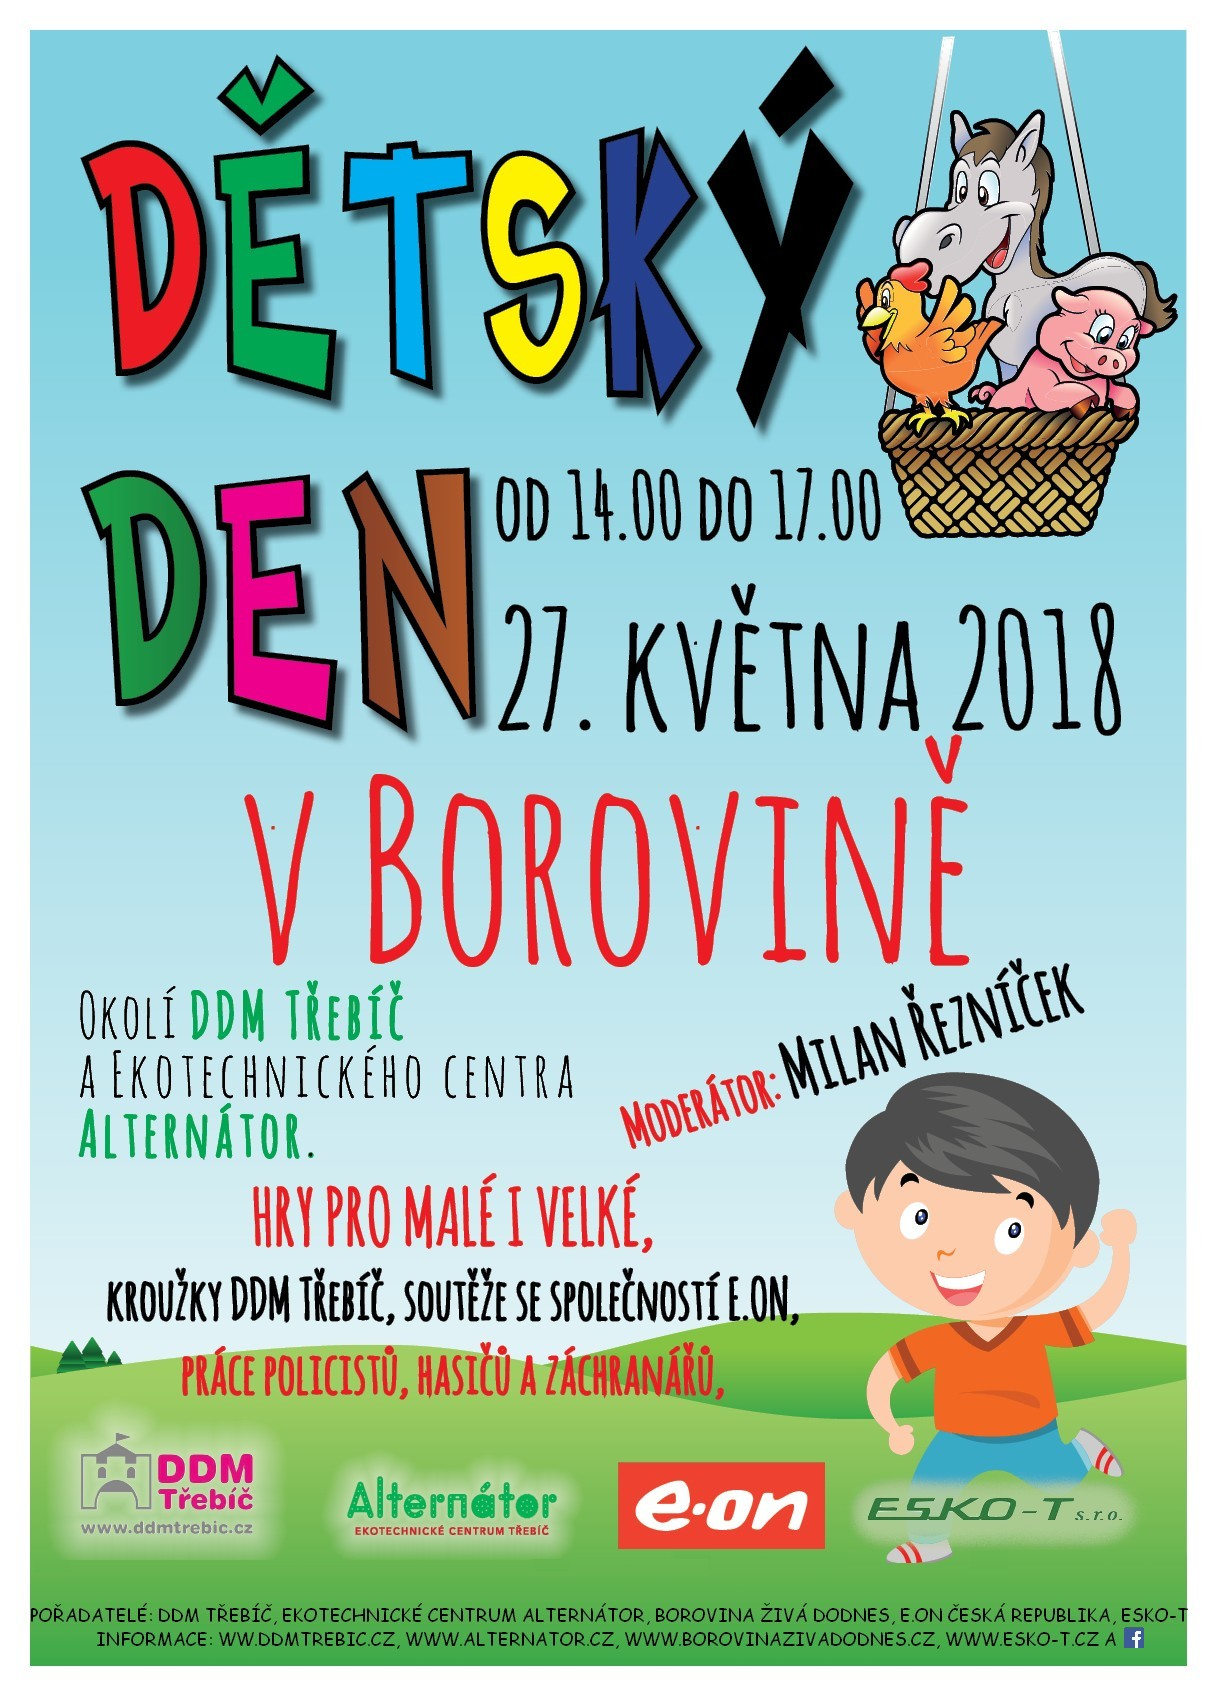 Dětský den v Borovině @ DDM Třebíč | Třebíč | Kraj Vysočina | Česko